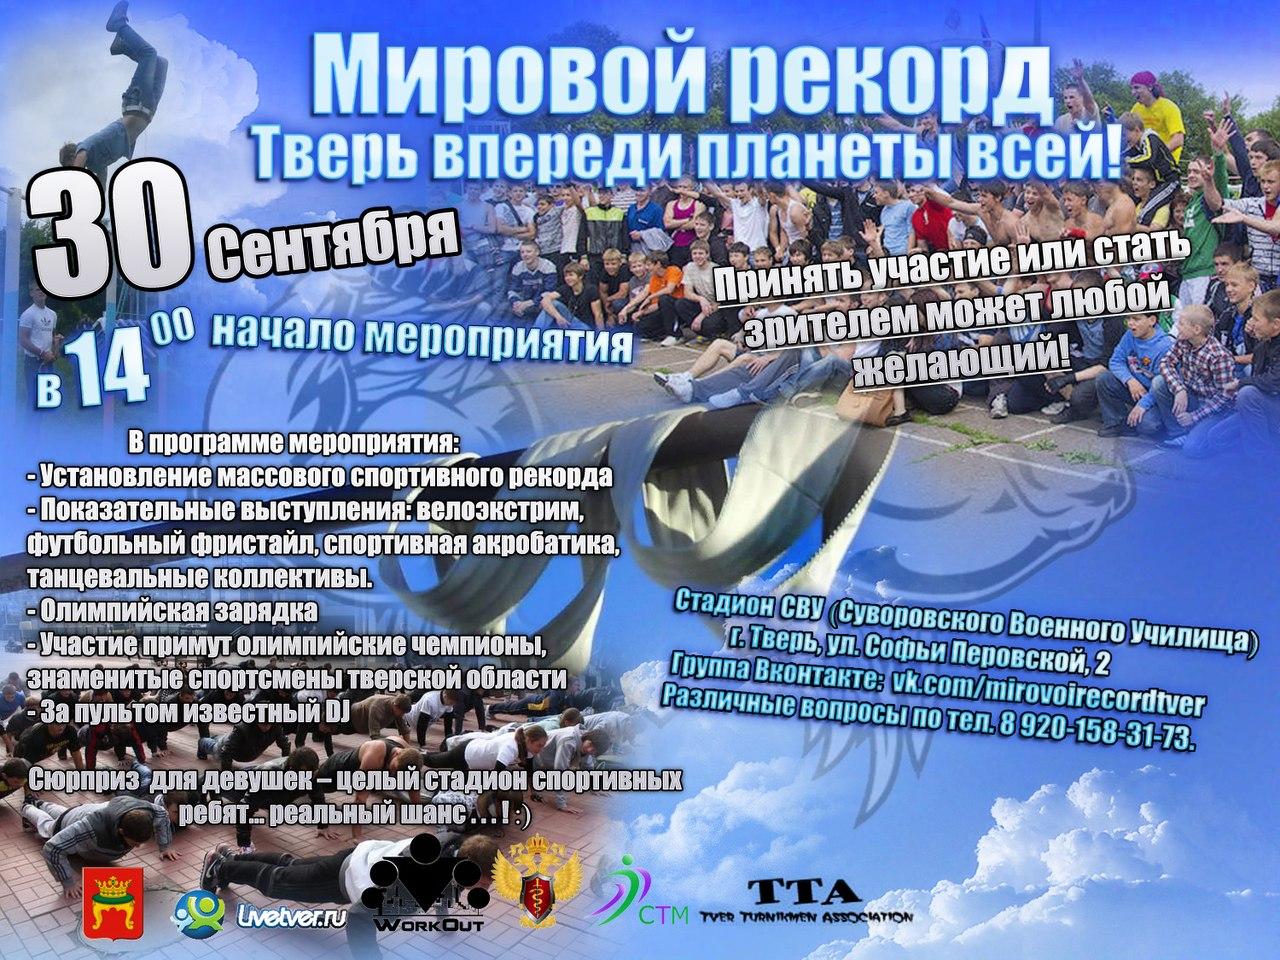 Мировой рекорд в Твери (30 сентября)